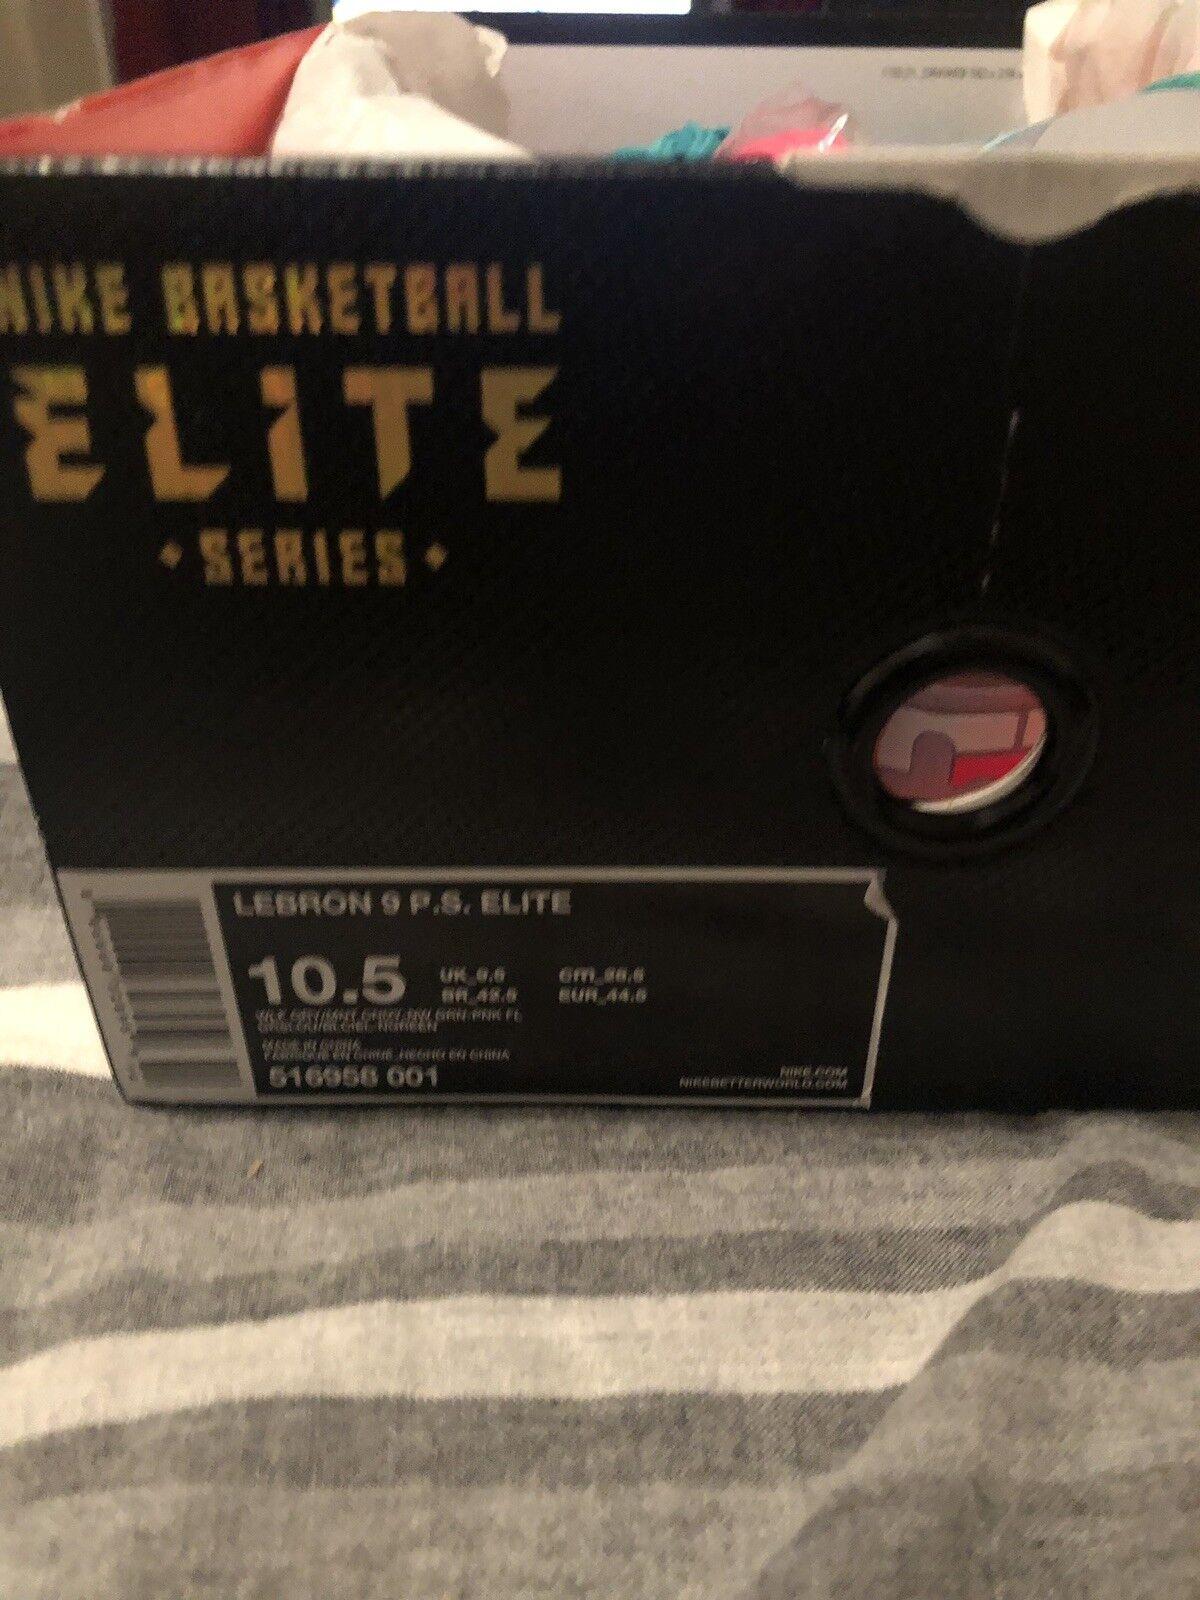 Nike Lebron (IX) 9 P.S. Elite  SOUTH BEACH   MIAMI VICE  Size 10.5 516958 001